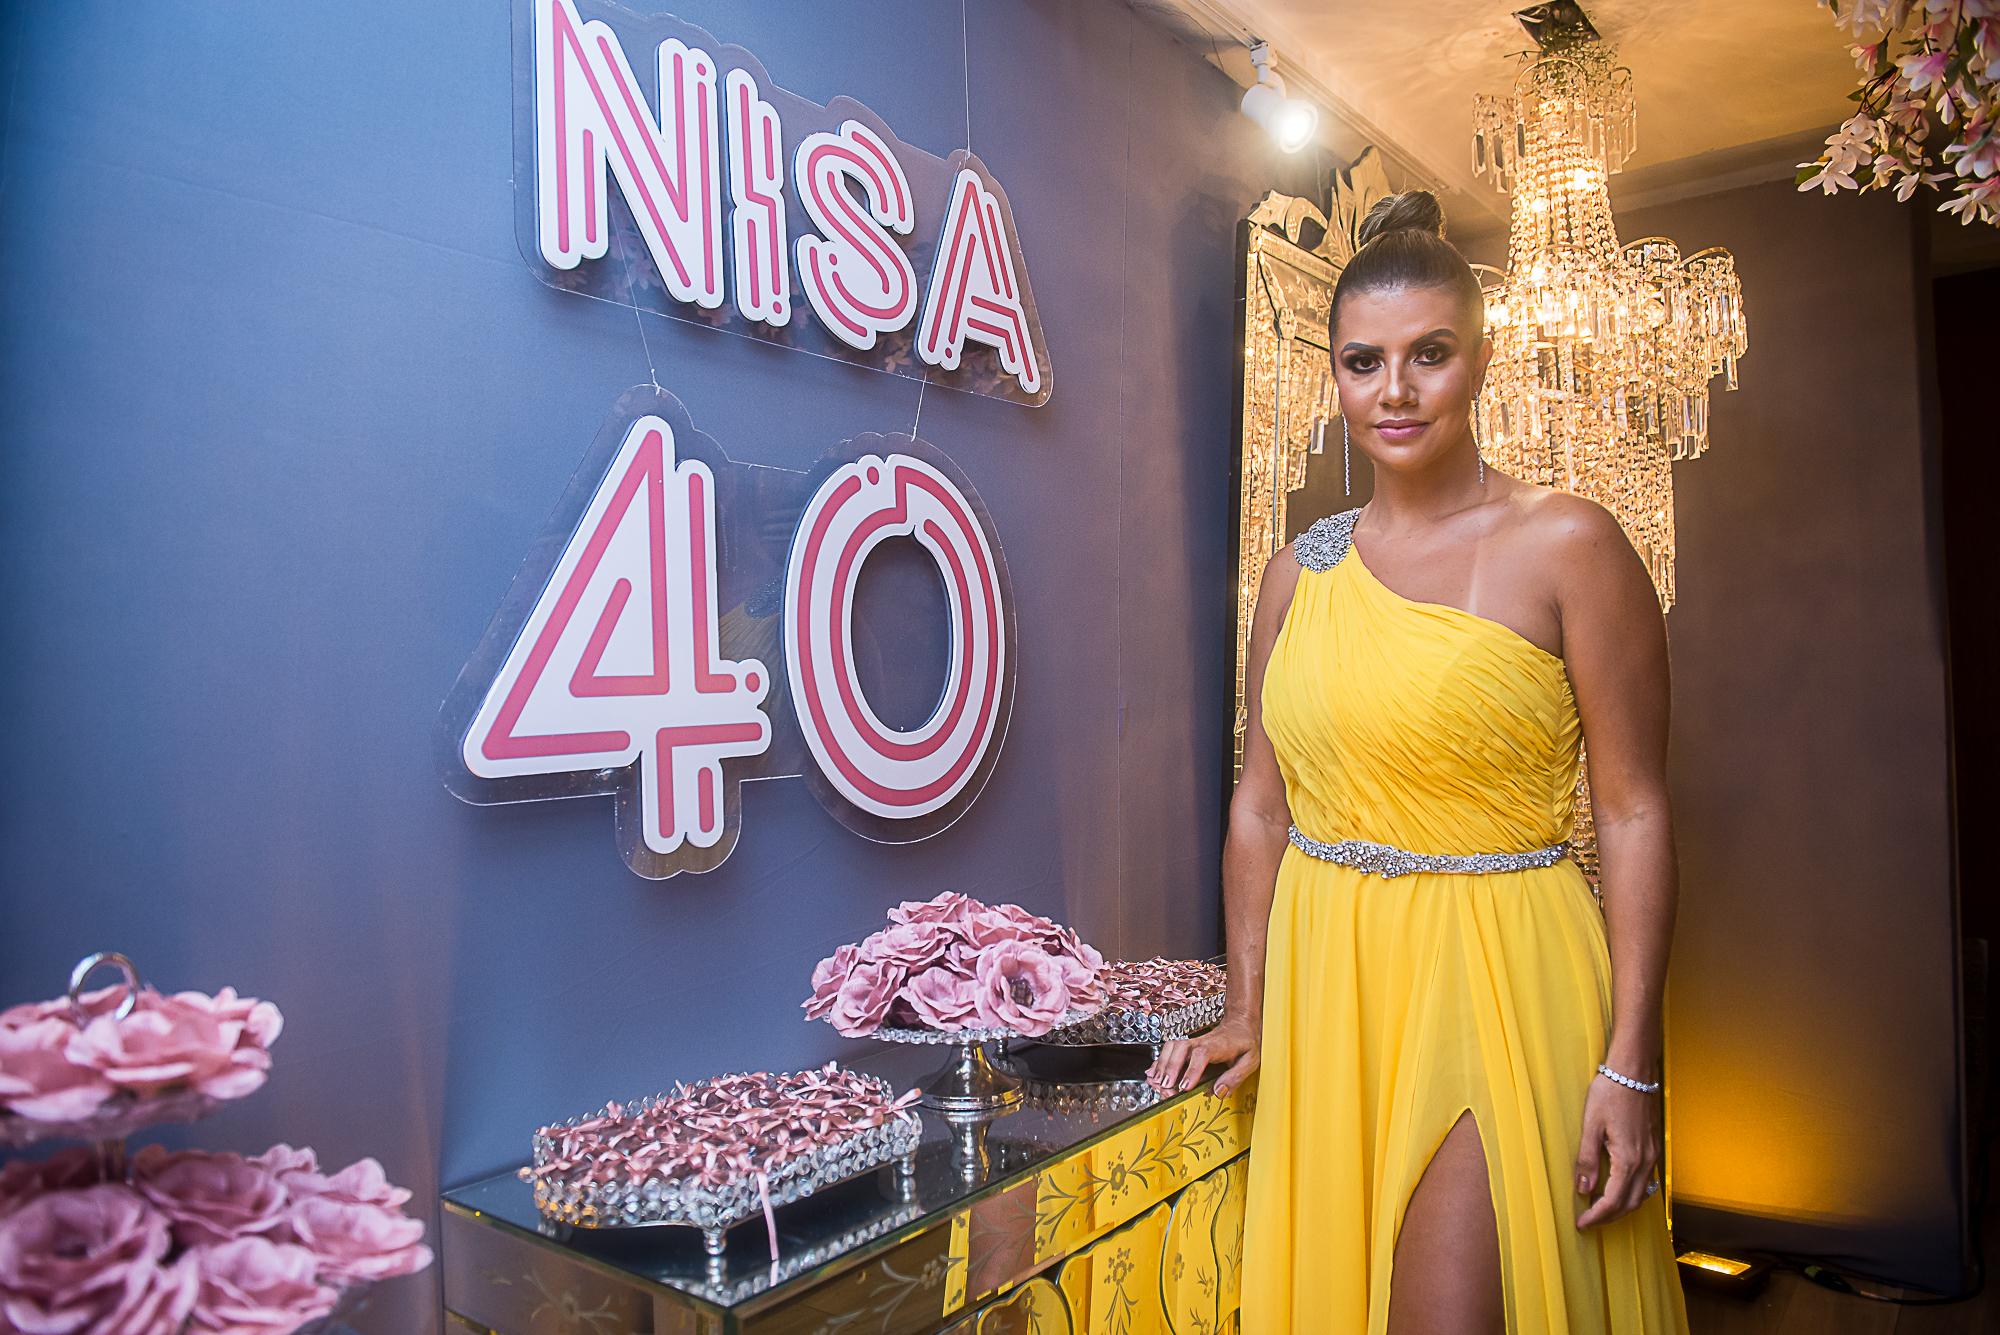 Anelisa Barreira celebra os 4.0 com festão ao lado dos amigos e familiares